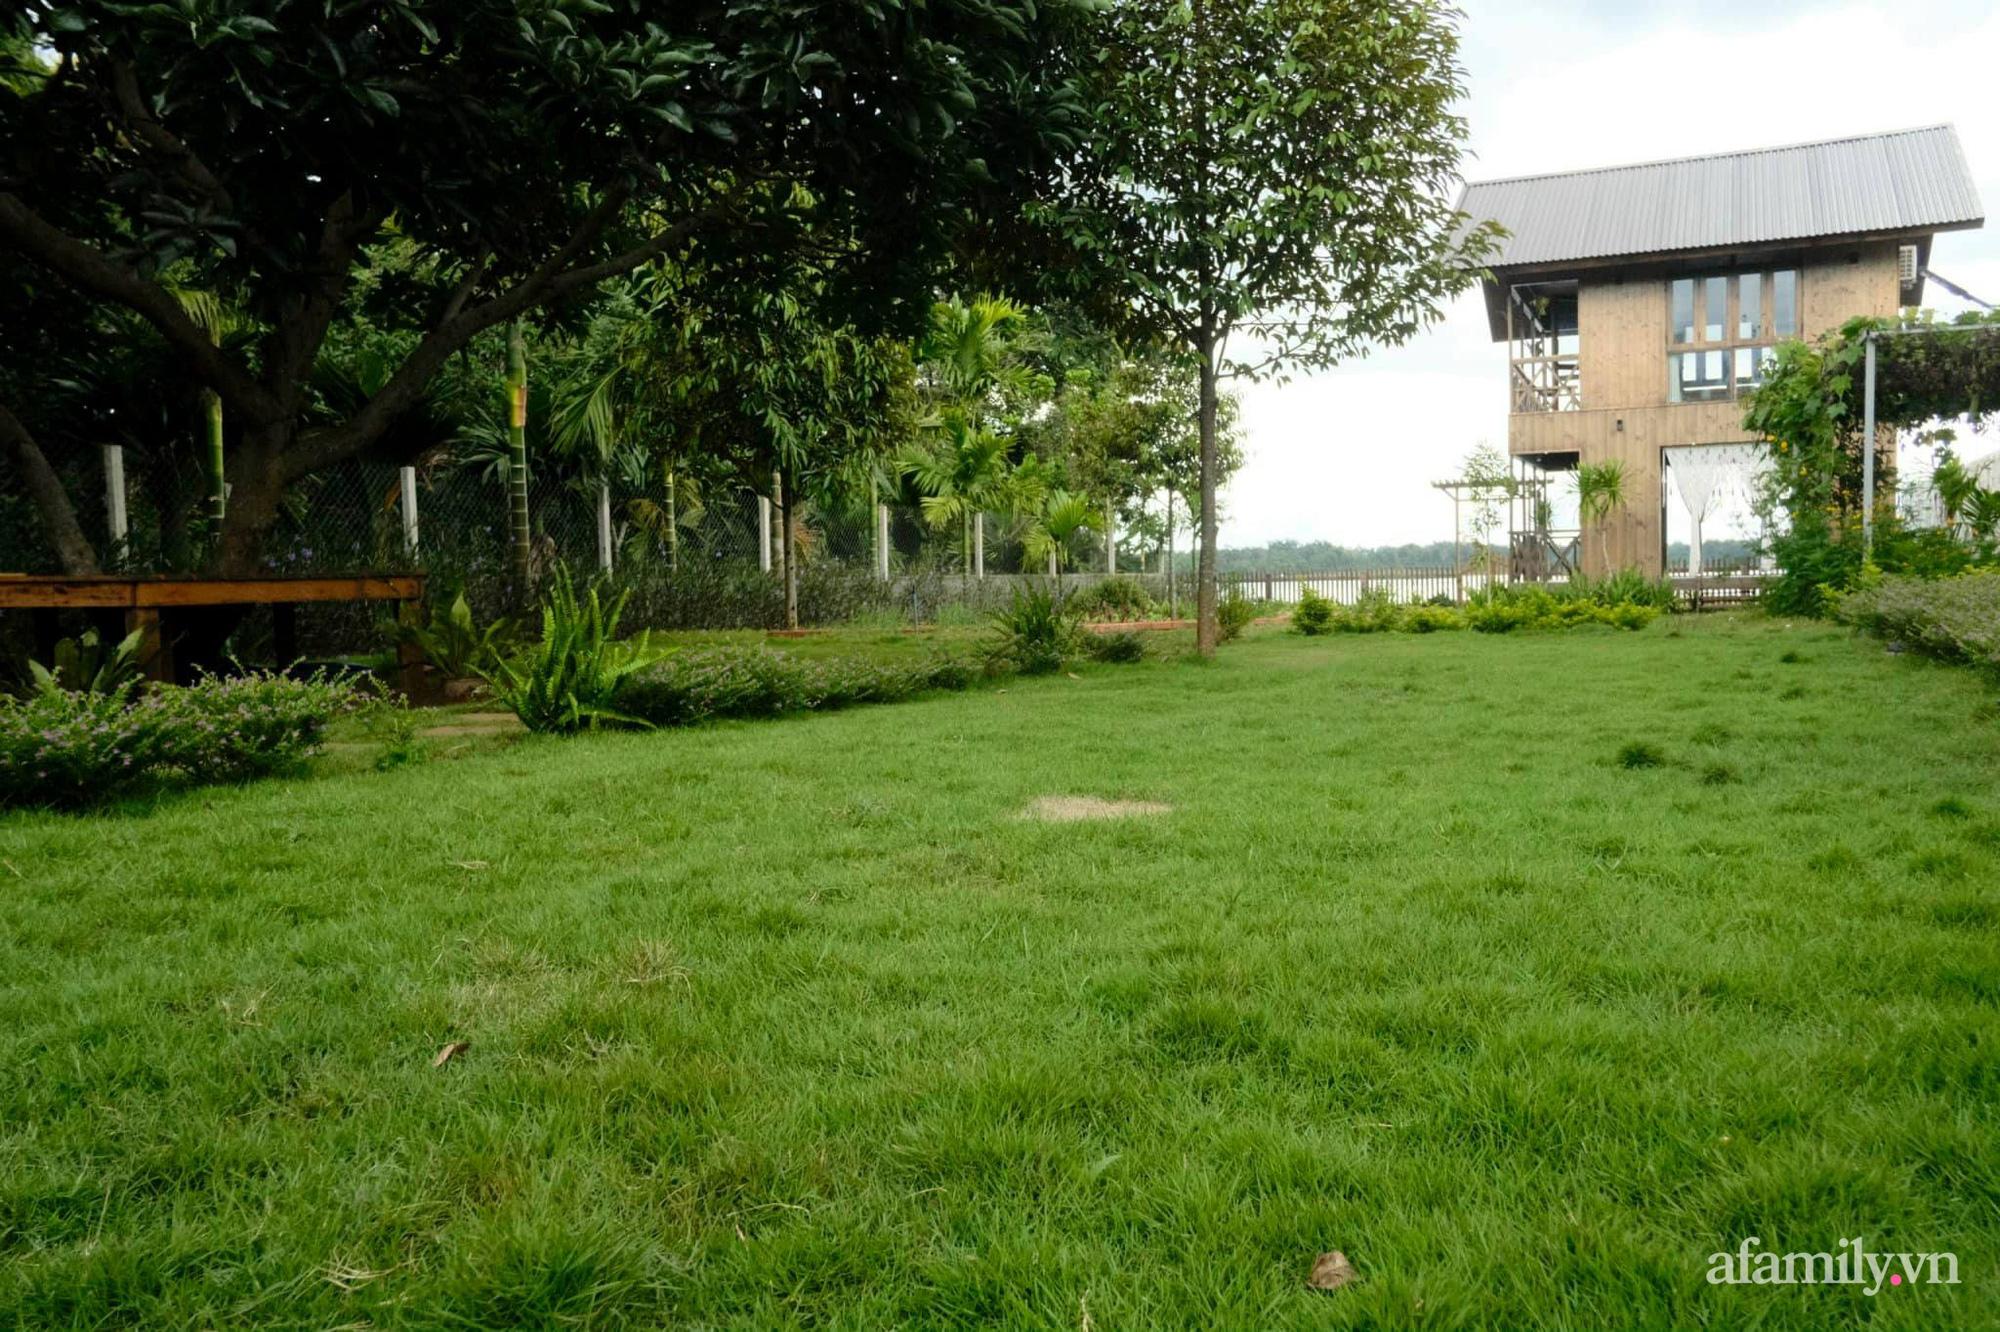 Căn nhà gỗ bình yên hướng tầm nhìn ra hồ nước trong veo, thơ mộng ở Buôn Mê Thuột - Ảnh 31.